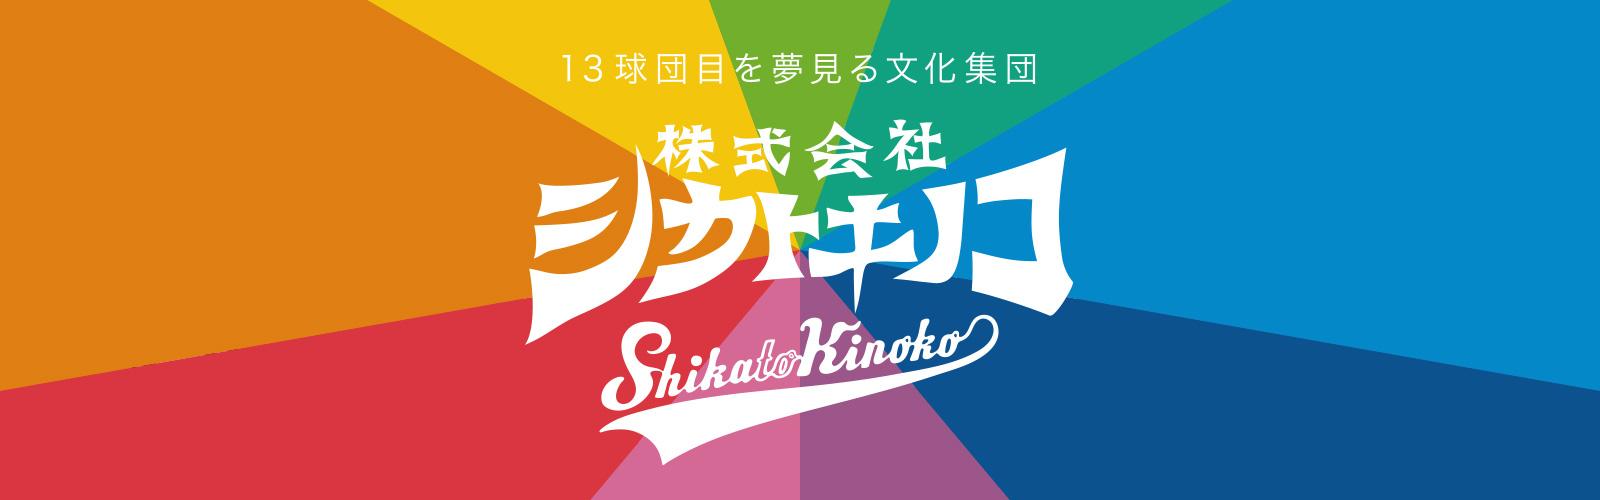 シカトキノコ(大阪・今里)